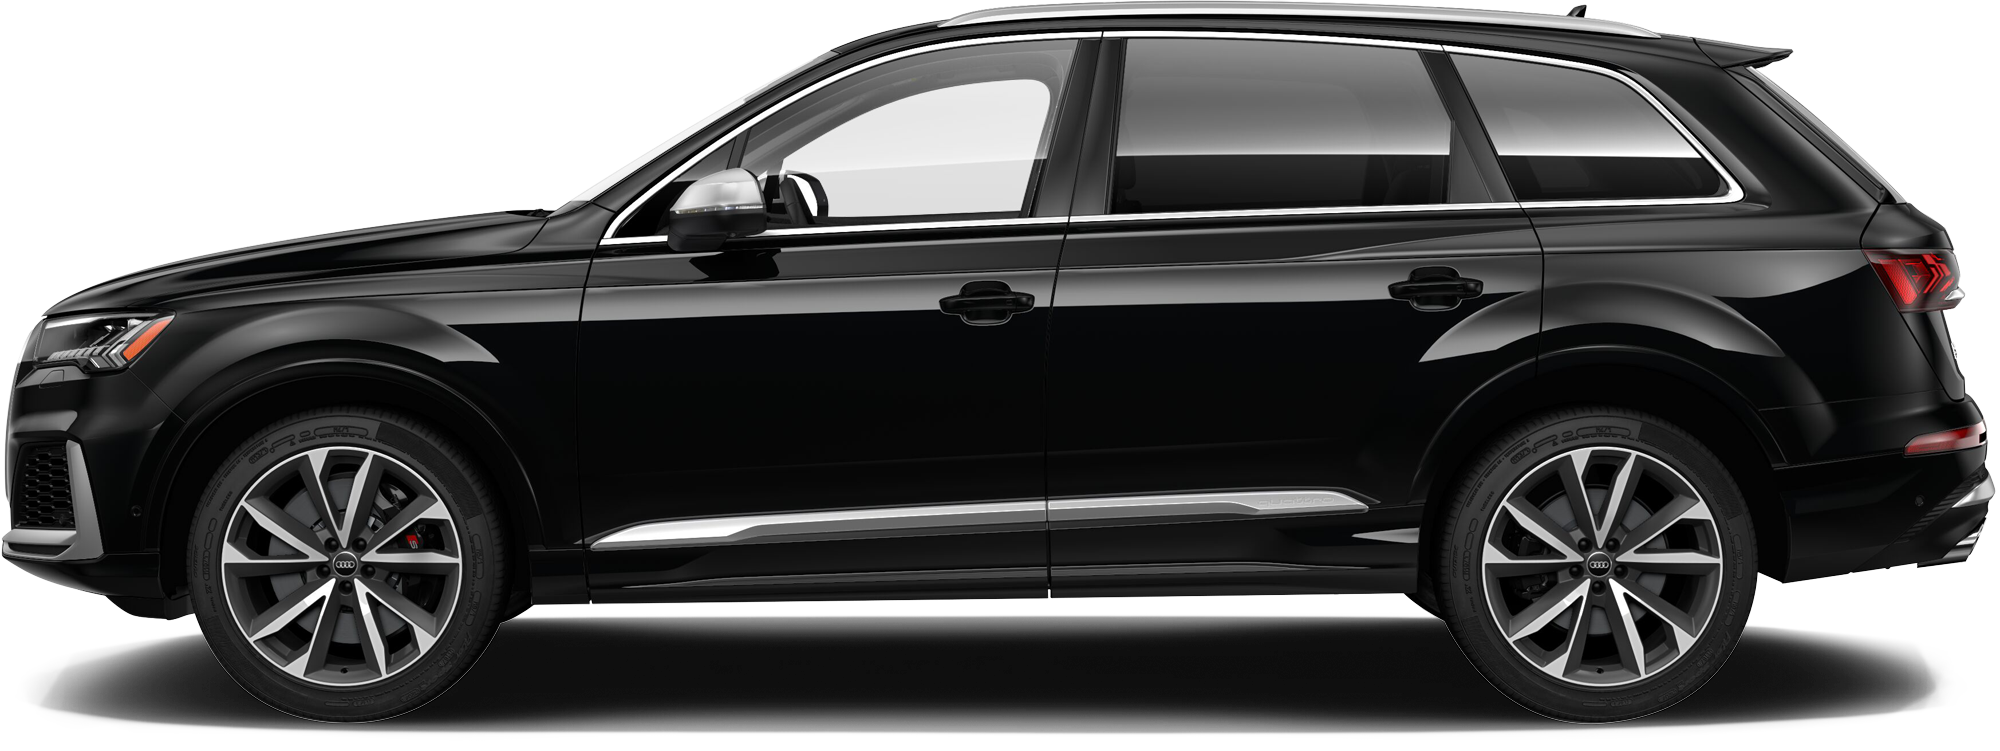 2020 Audi SQ7 SUV 4.0T Premium Plus